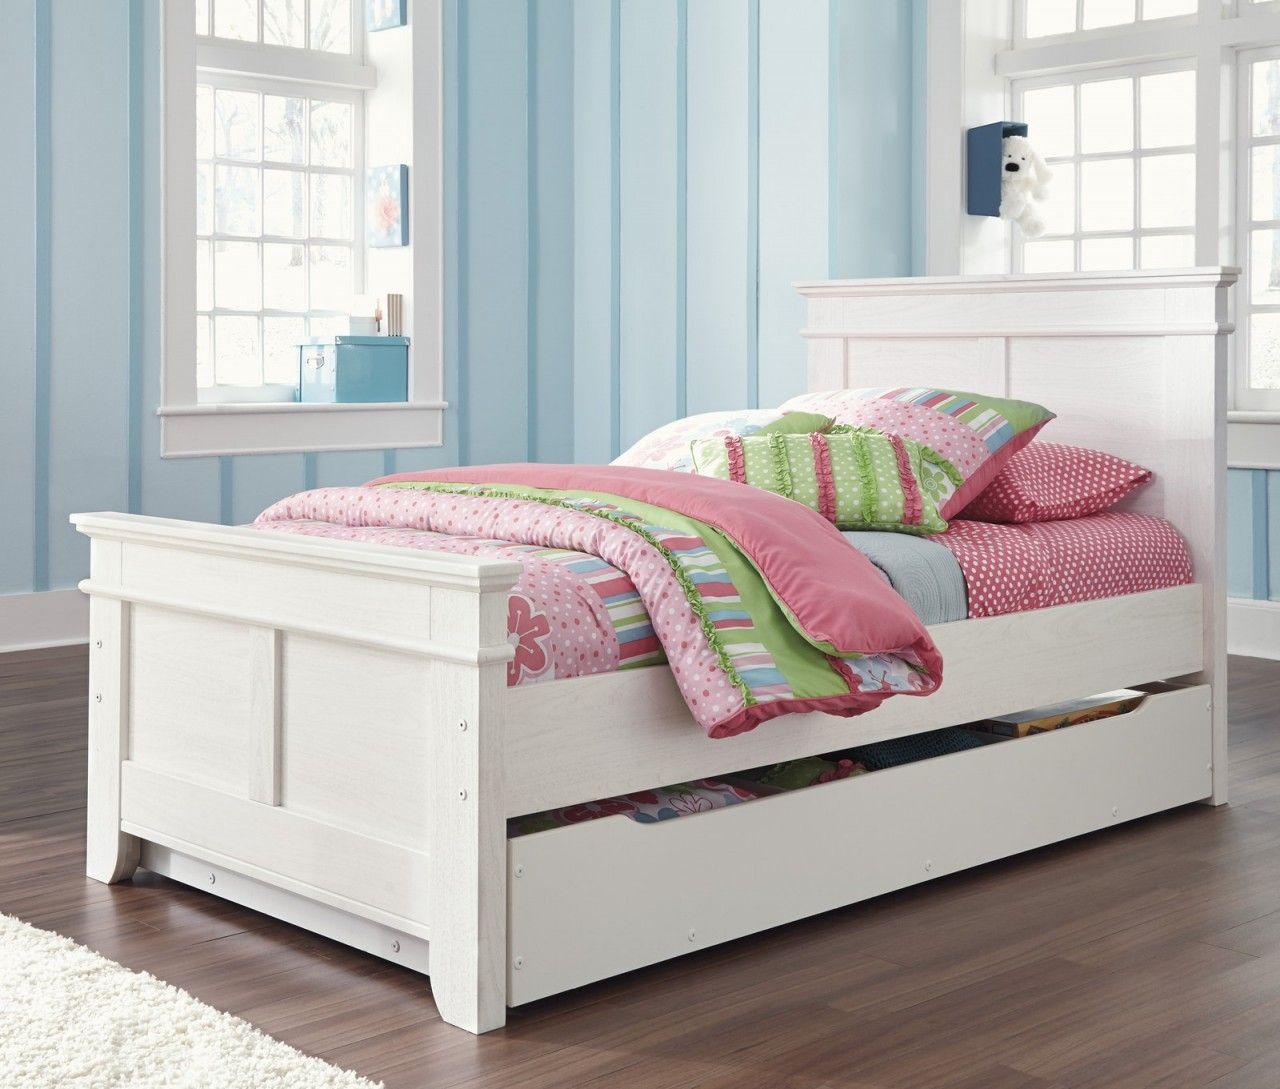 Einzelbett Mit Ausziehbarem Farbe Einzelbett mit